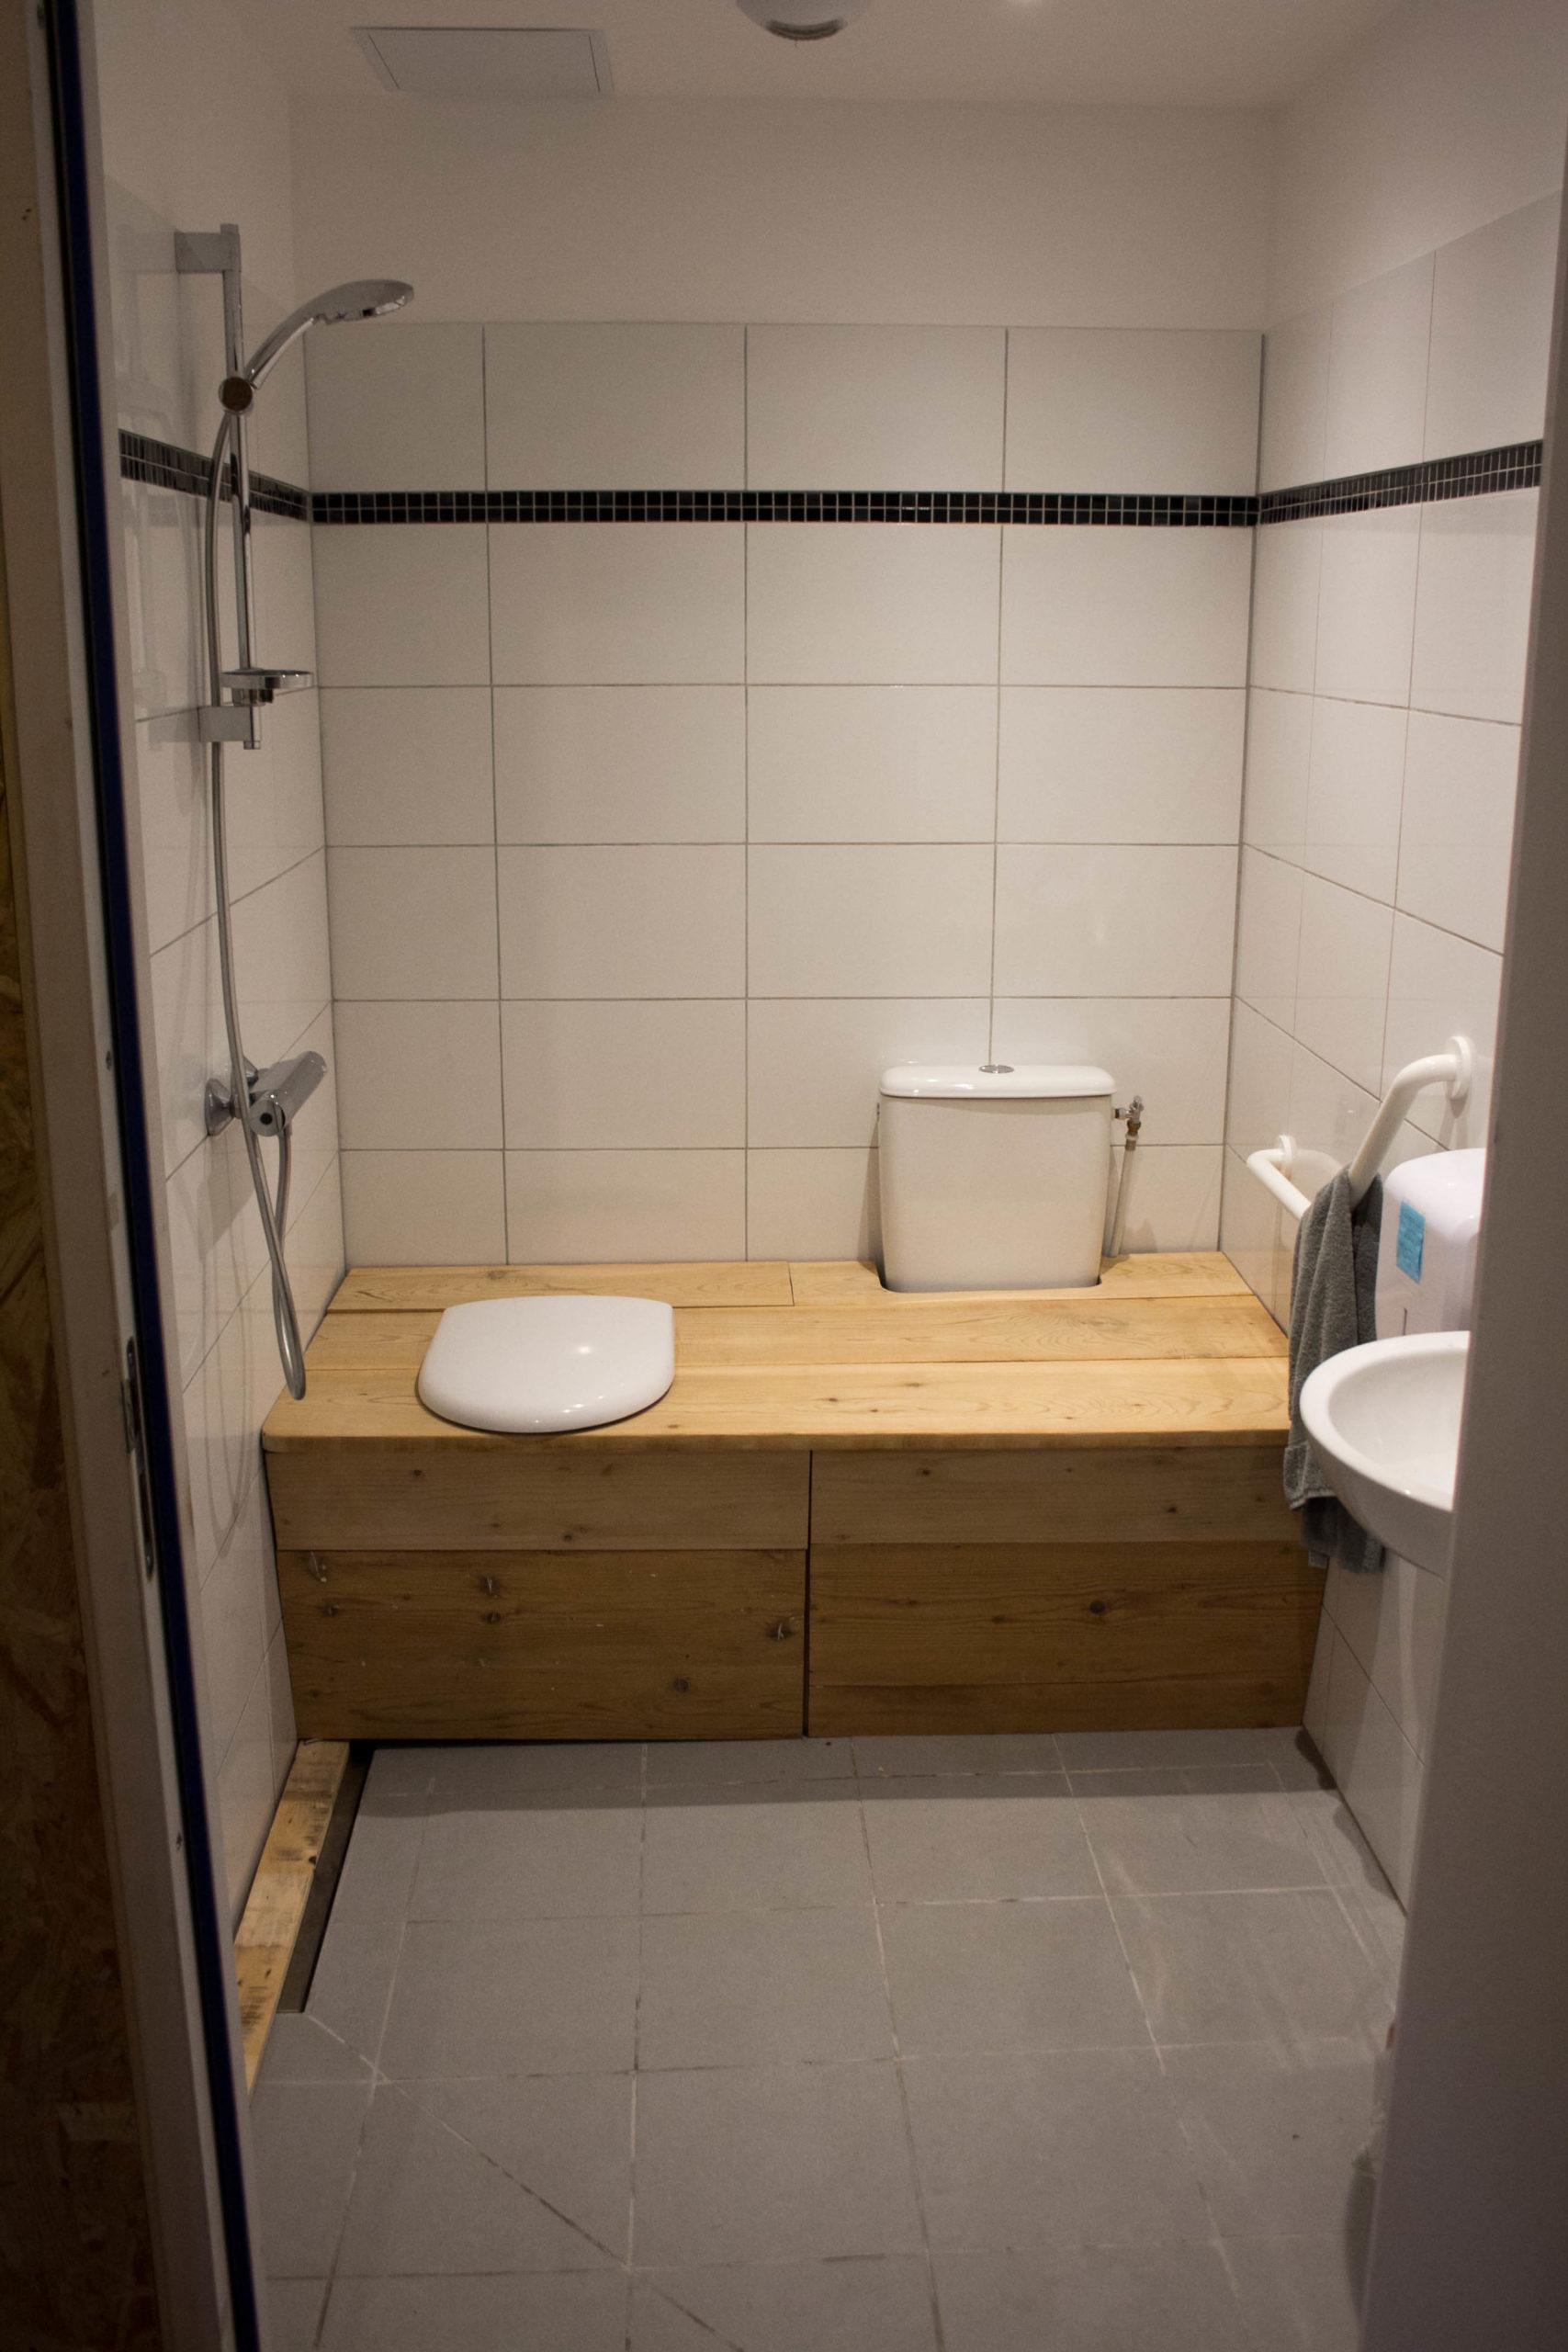 toilettes sèches terminées